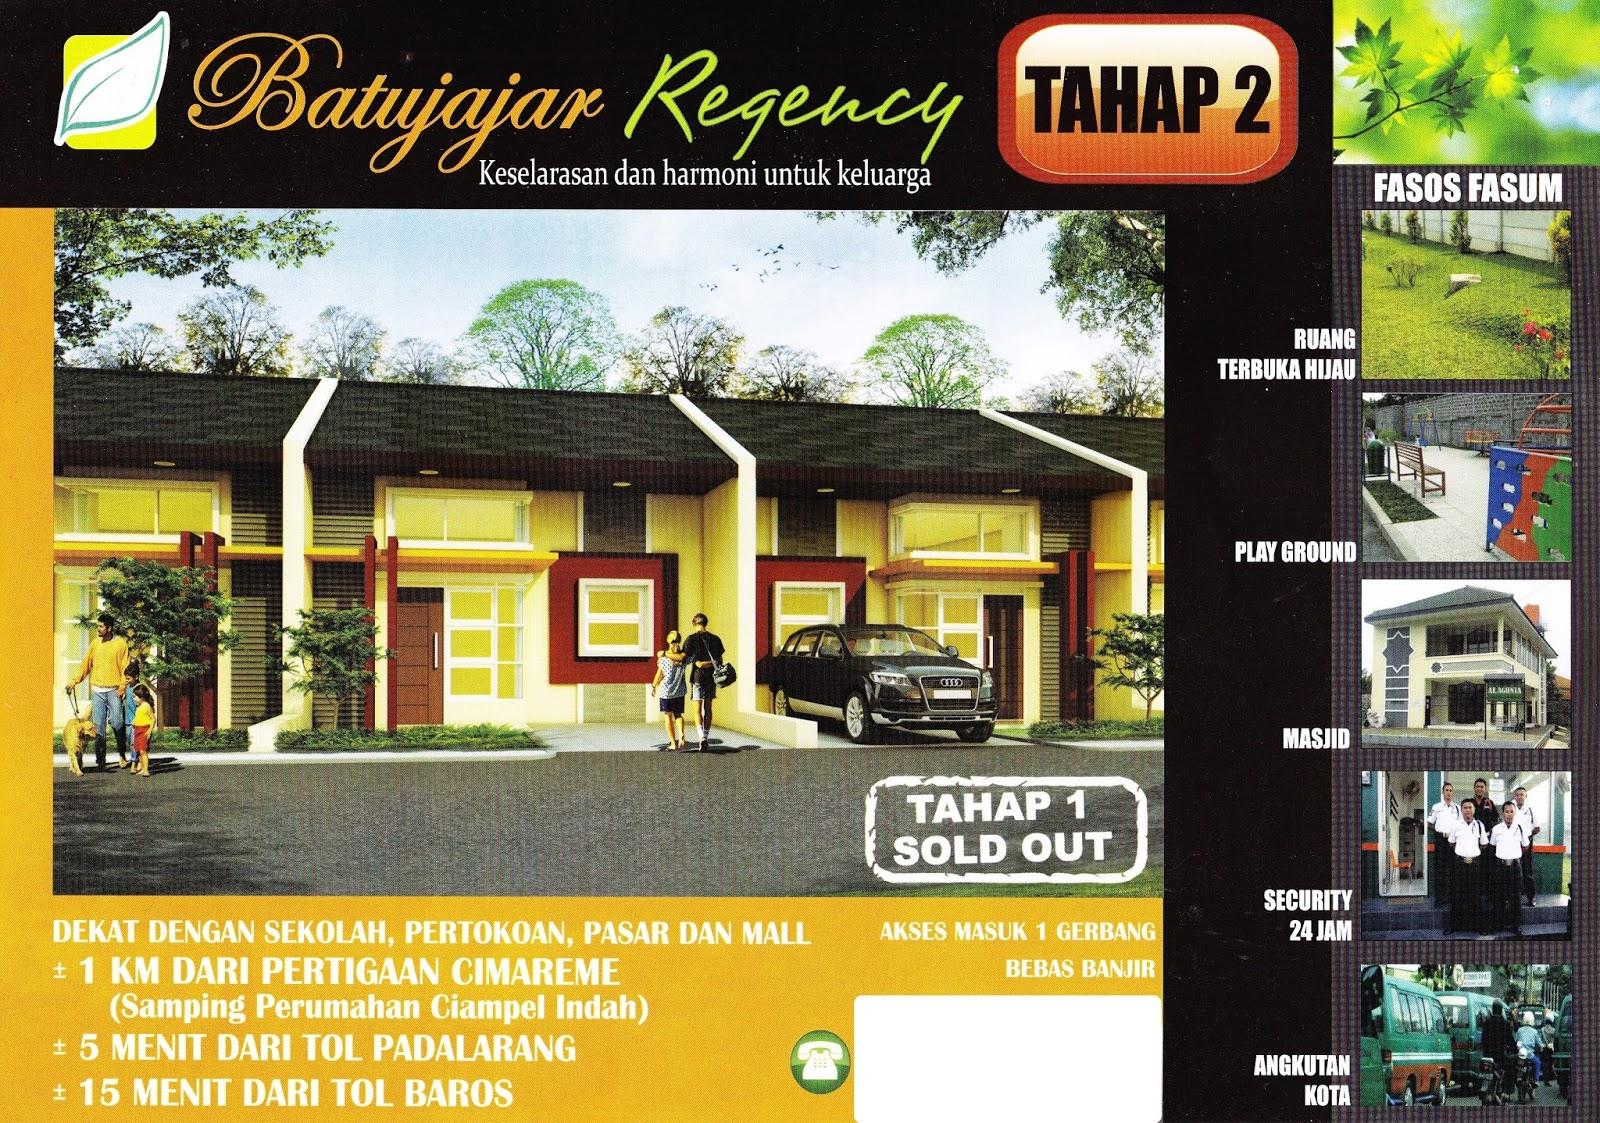 Batujajar Regency Tahap 2 Kab Bandung Barat Cari Rumah Taman